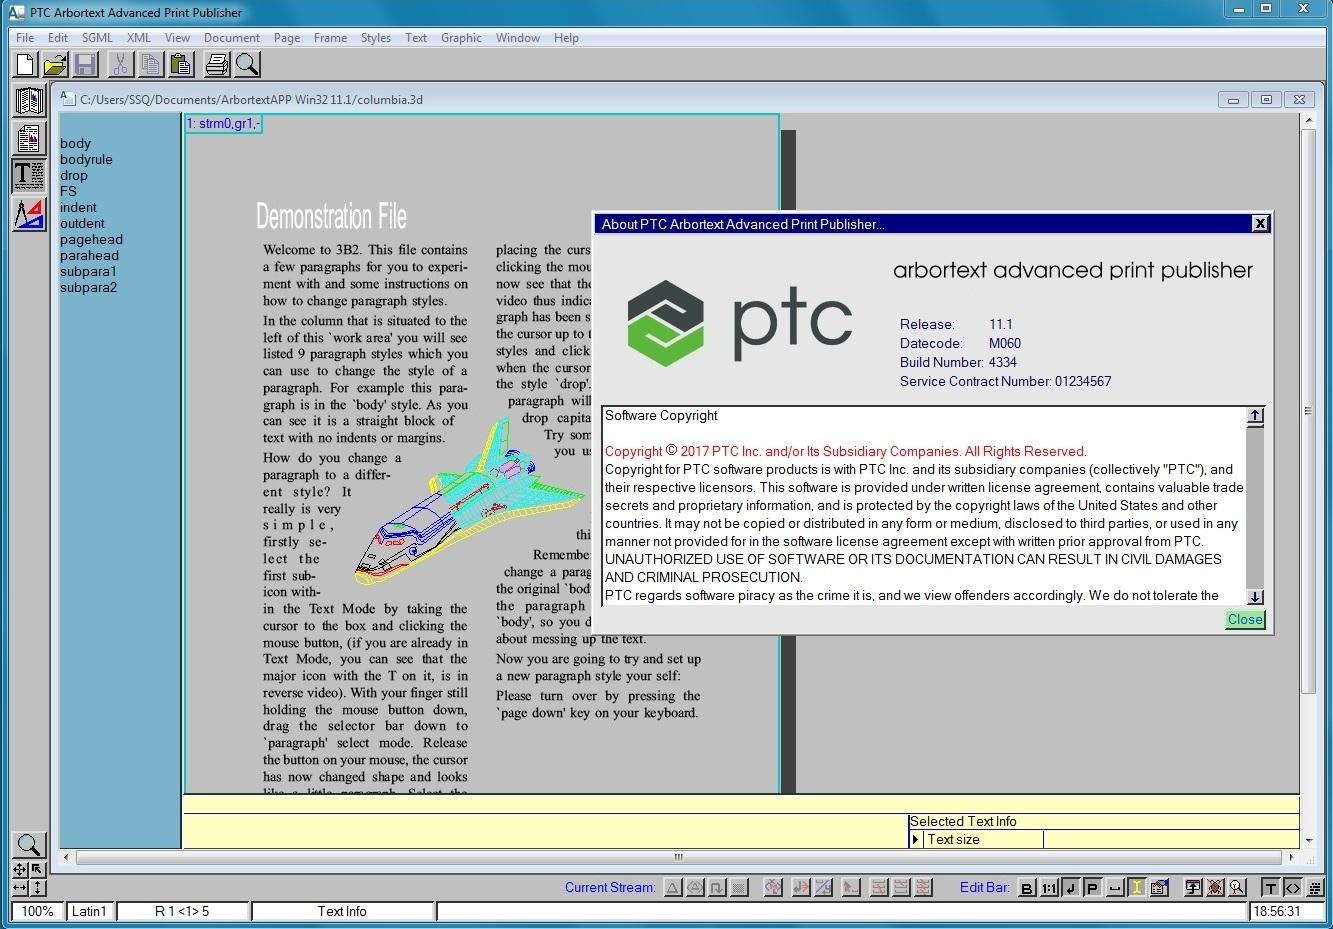 PTC Arbortext Advanced Print Publisher 11.1 M060 x86 x64 full